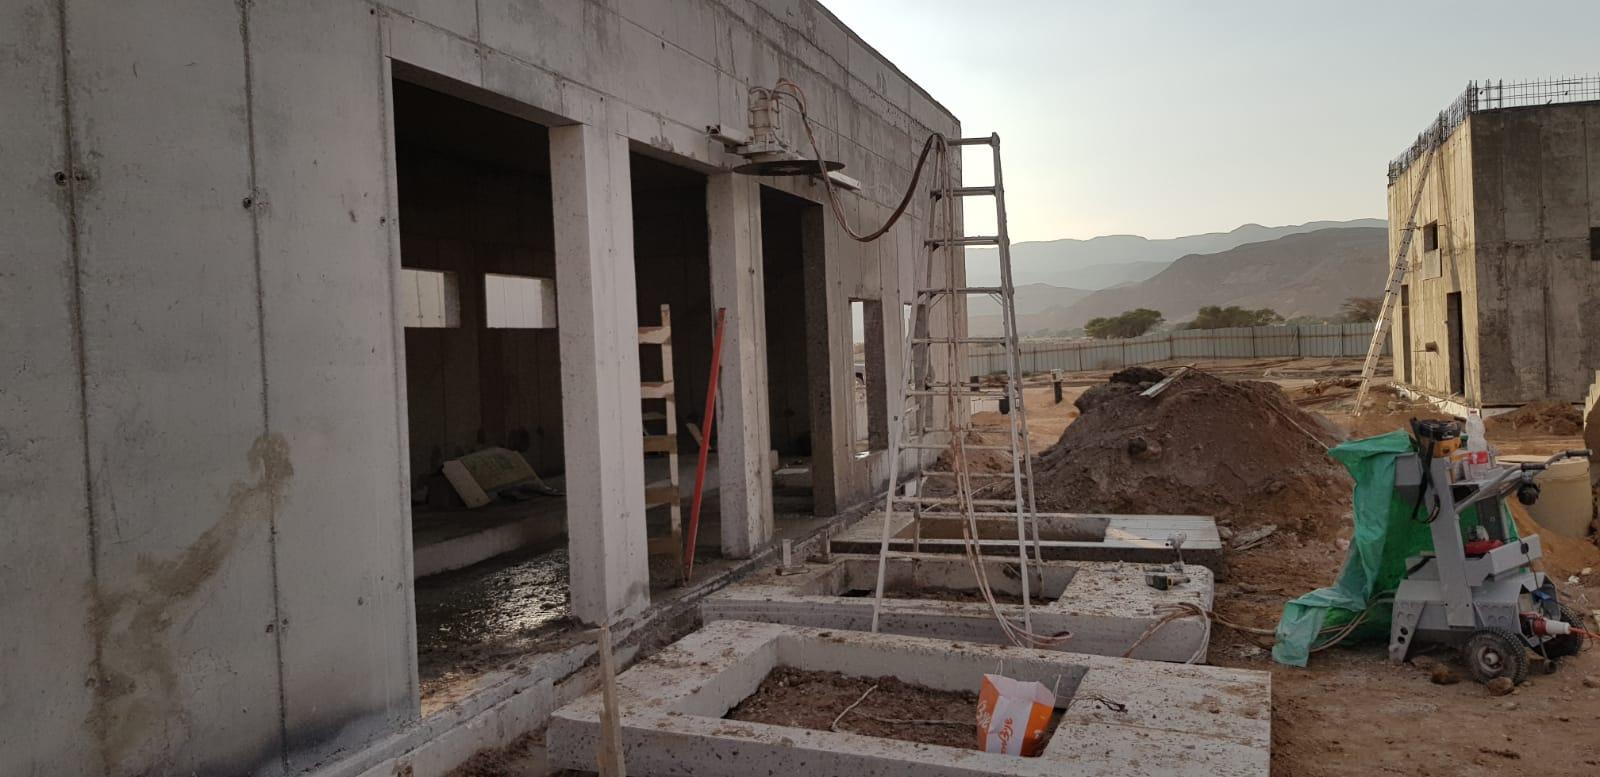 חב4ר4ת יהלום מקבוצת המחסן למקצוען מבצעת עבודות ניסור בטון וקידוח בטון בכל איזור אילת והערבה. החברה מבצעת גם עבודות הריסת מבנים, שאיבת חול שינויים בממדים ועבודות בטון נוספות.